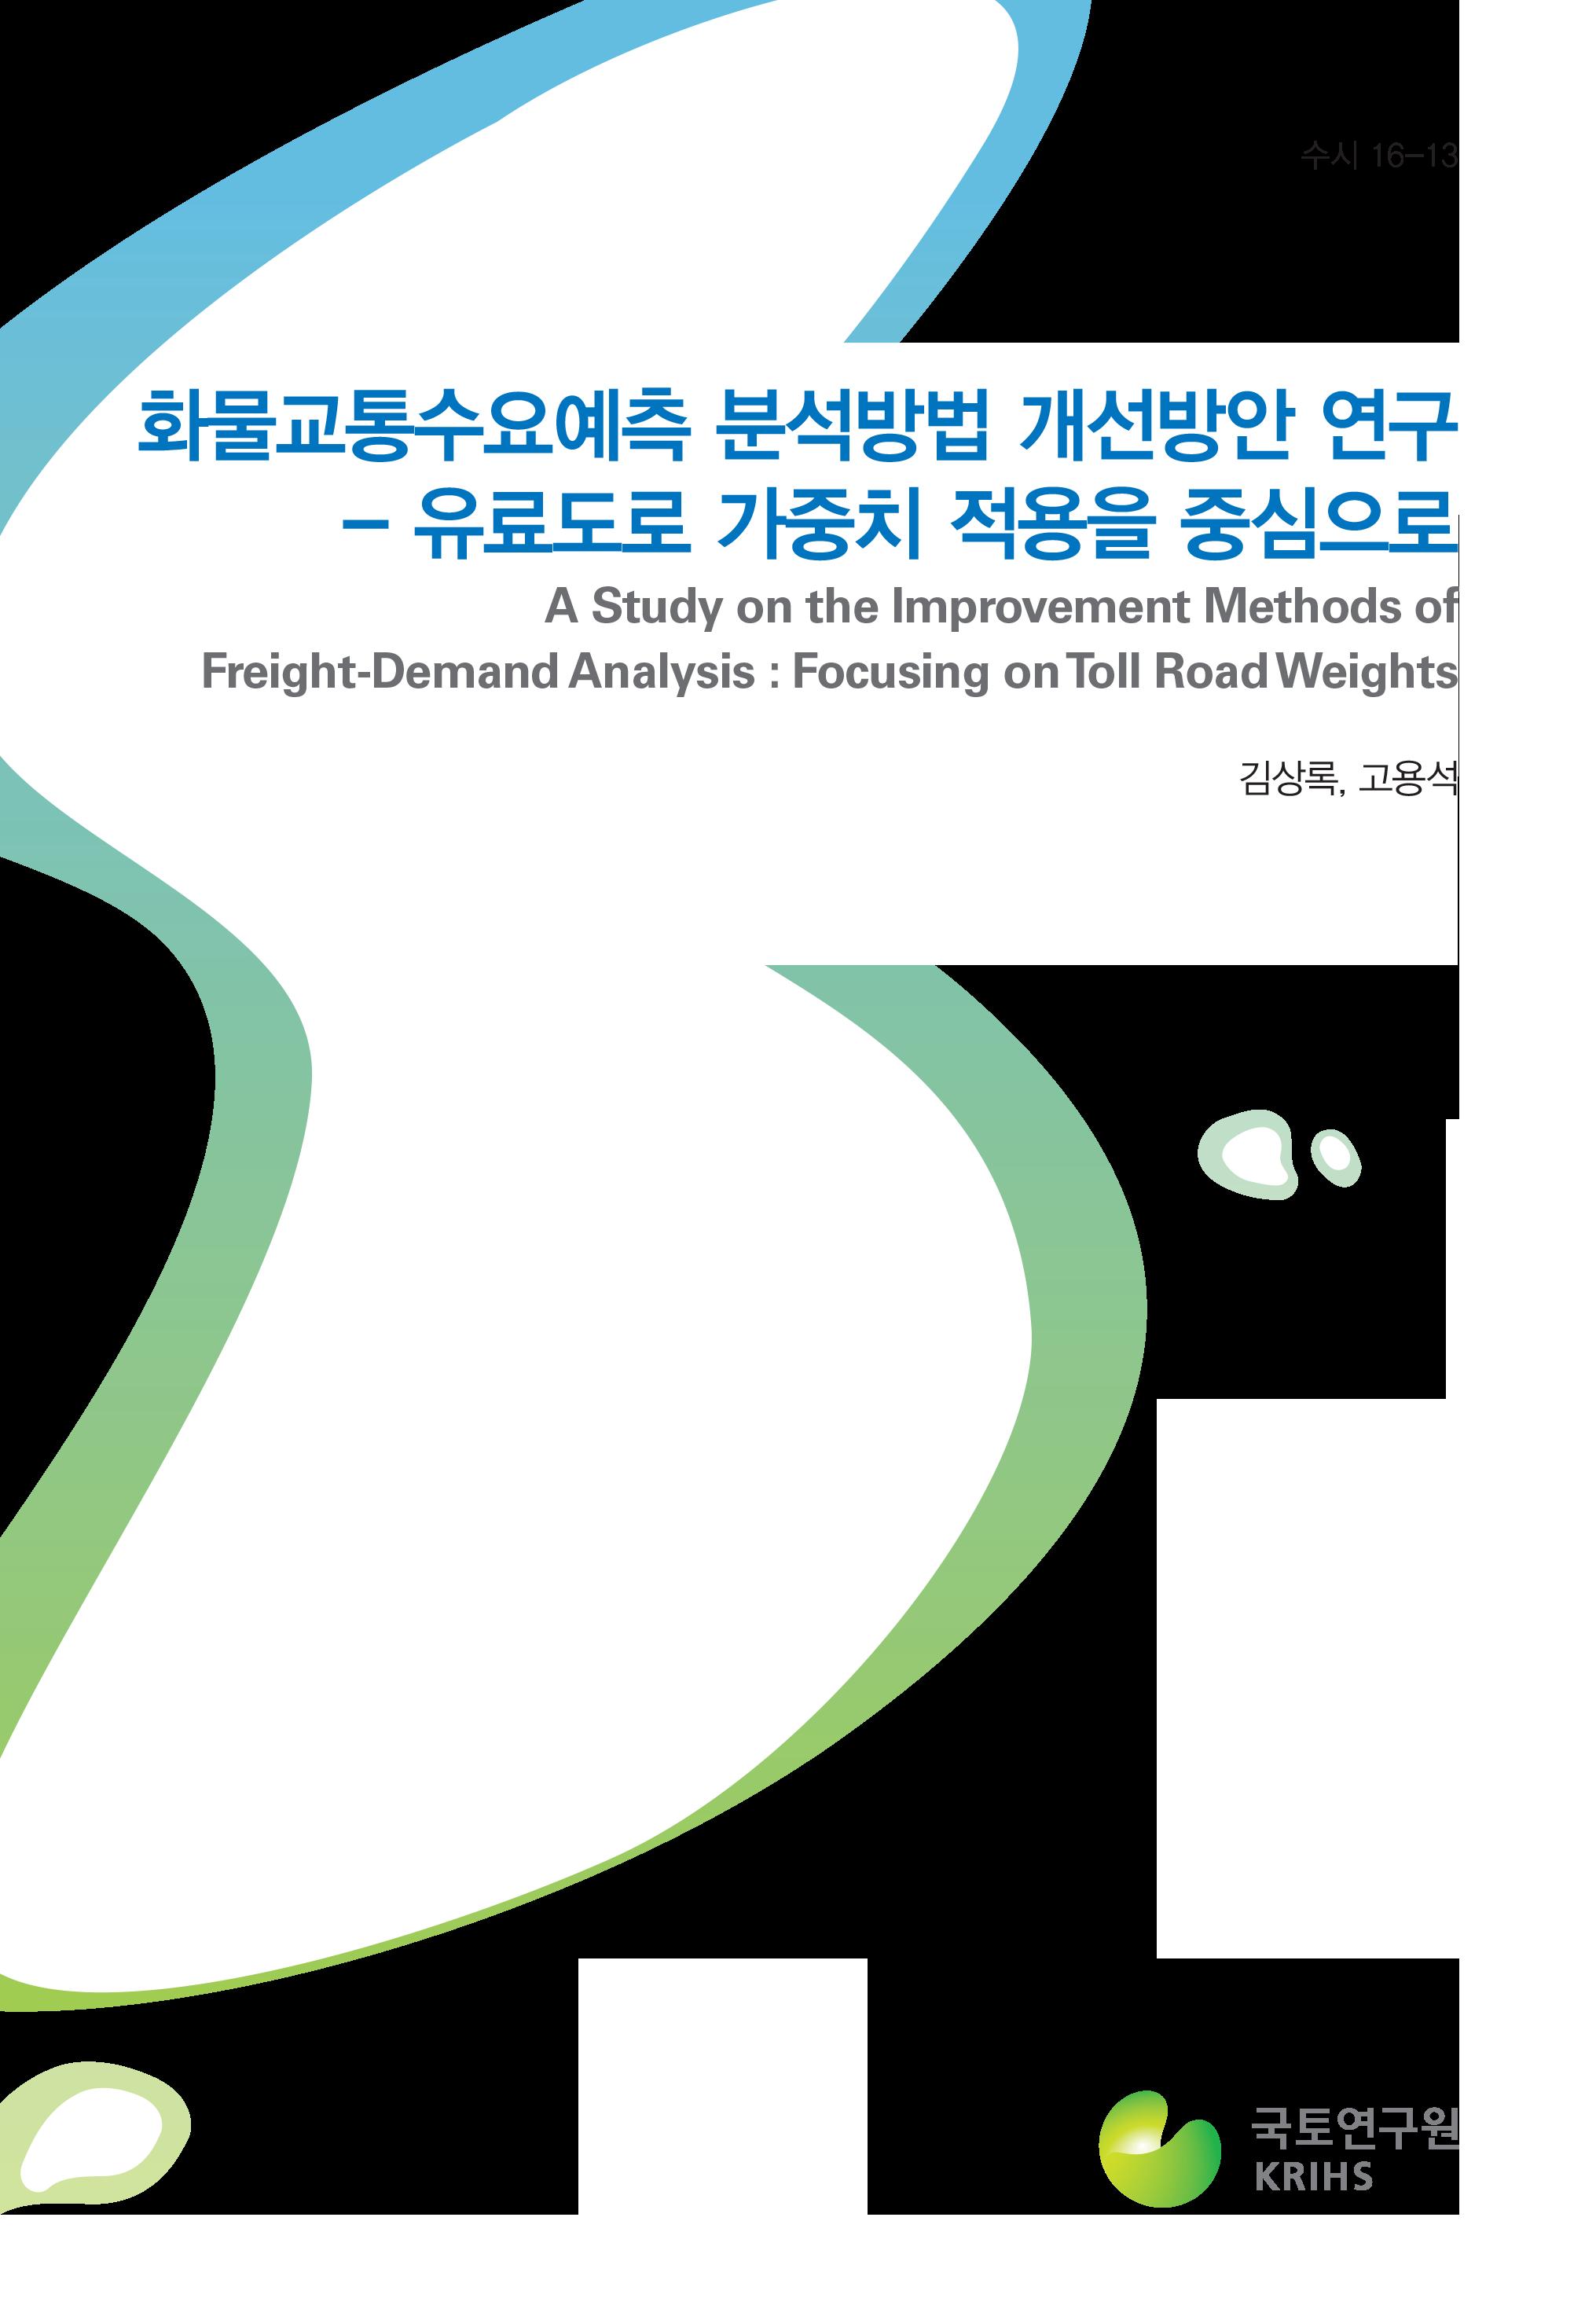 화물교통수요예측 분석방법 개선방안 연구 - 유료도로 가중치 적용을 중심으로 -표지